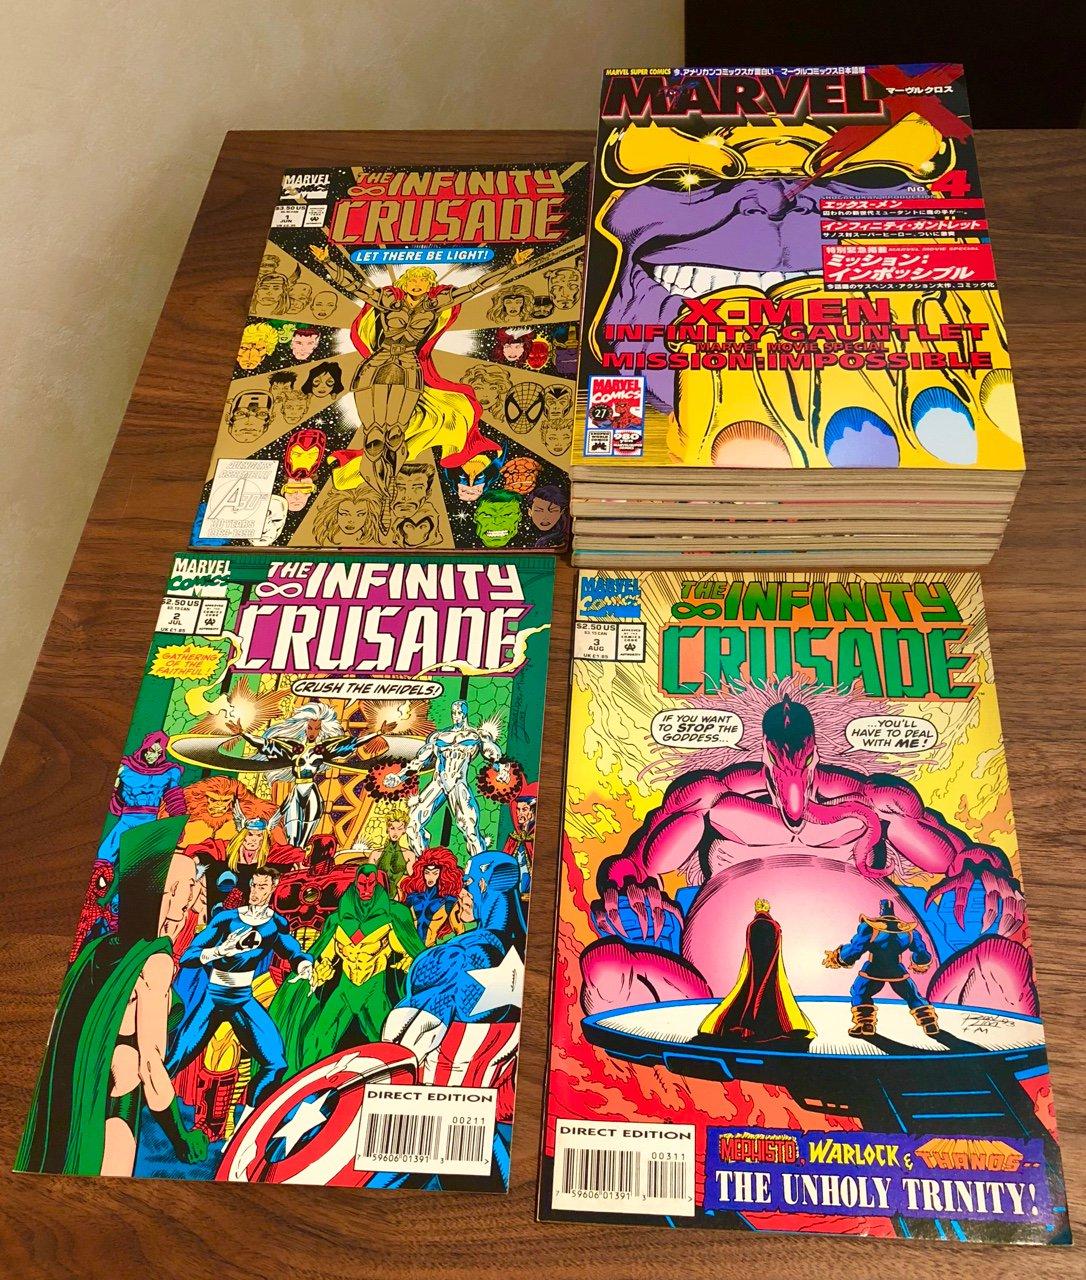 続編の The Infinity Crusade は3冊だけしか持っていない。 https://t.co/dB9CYApLjh